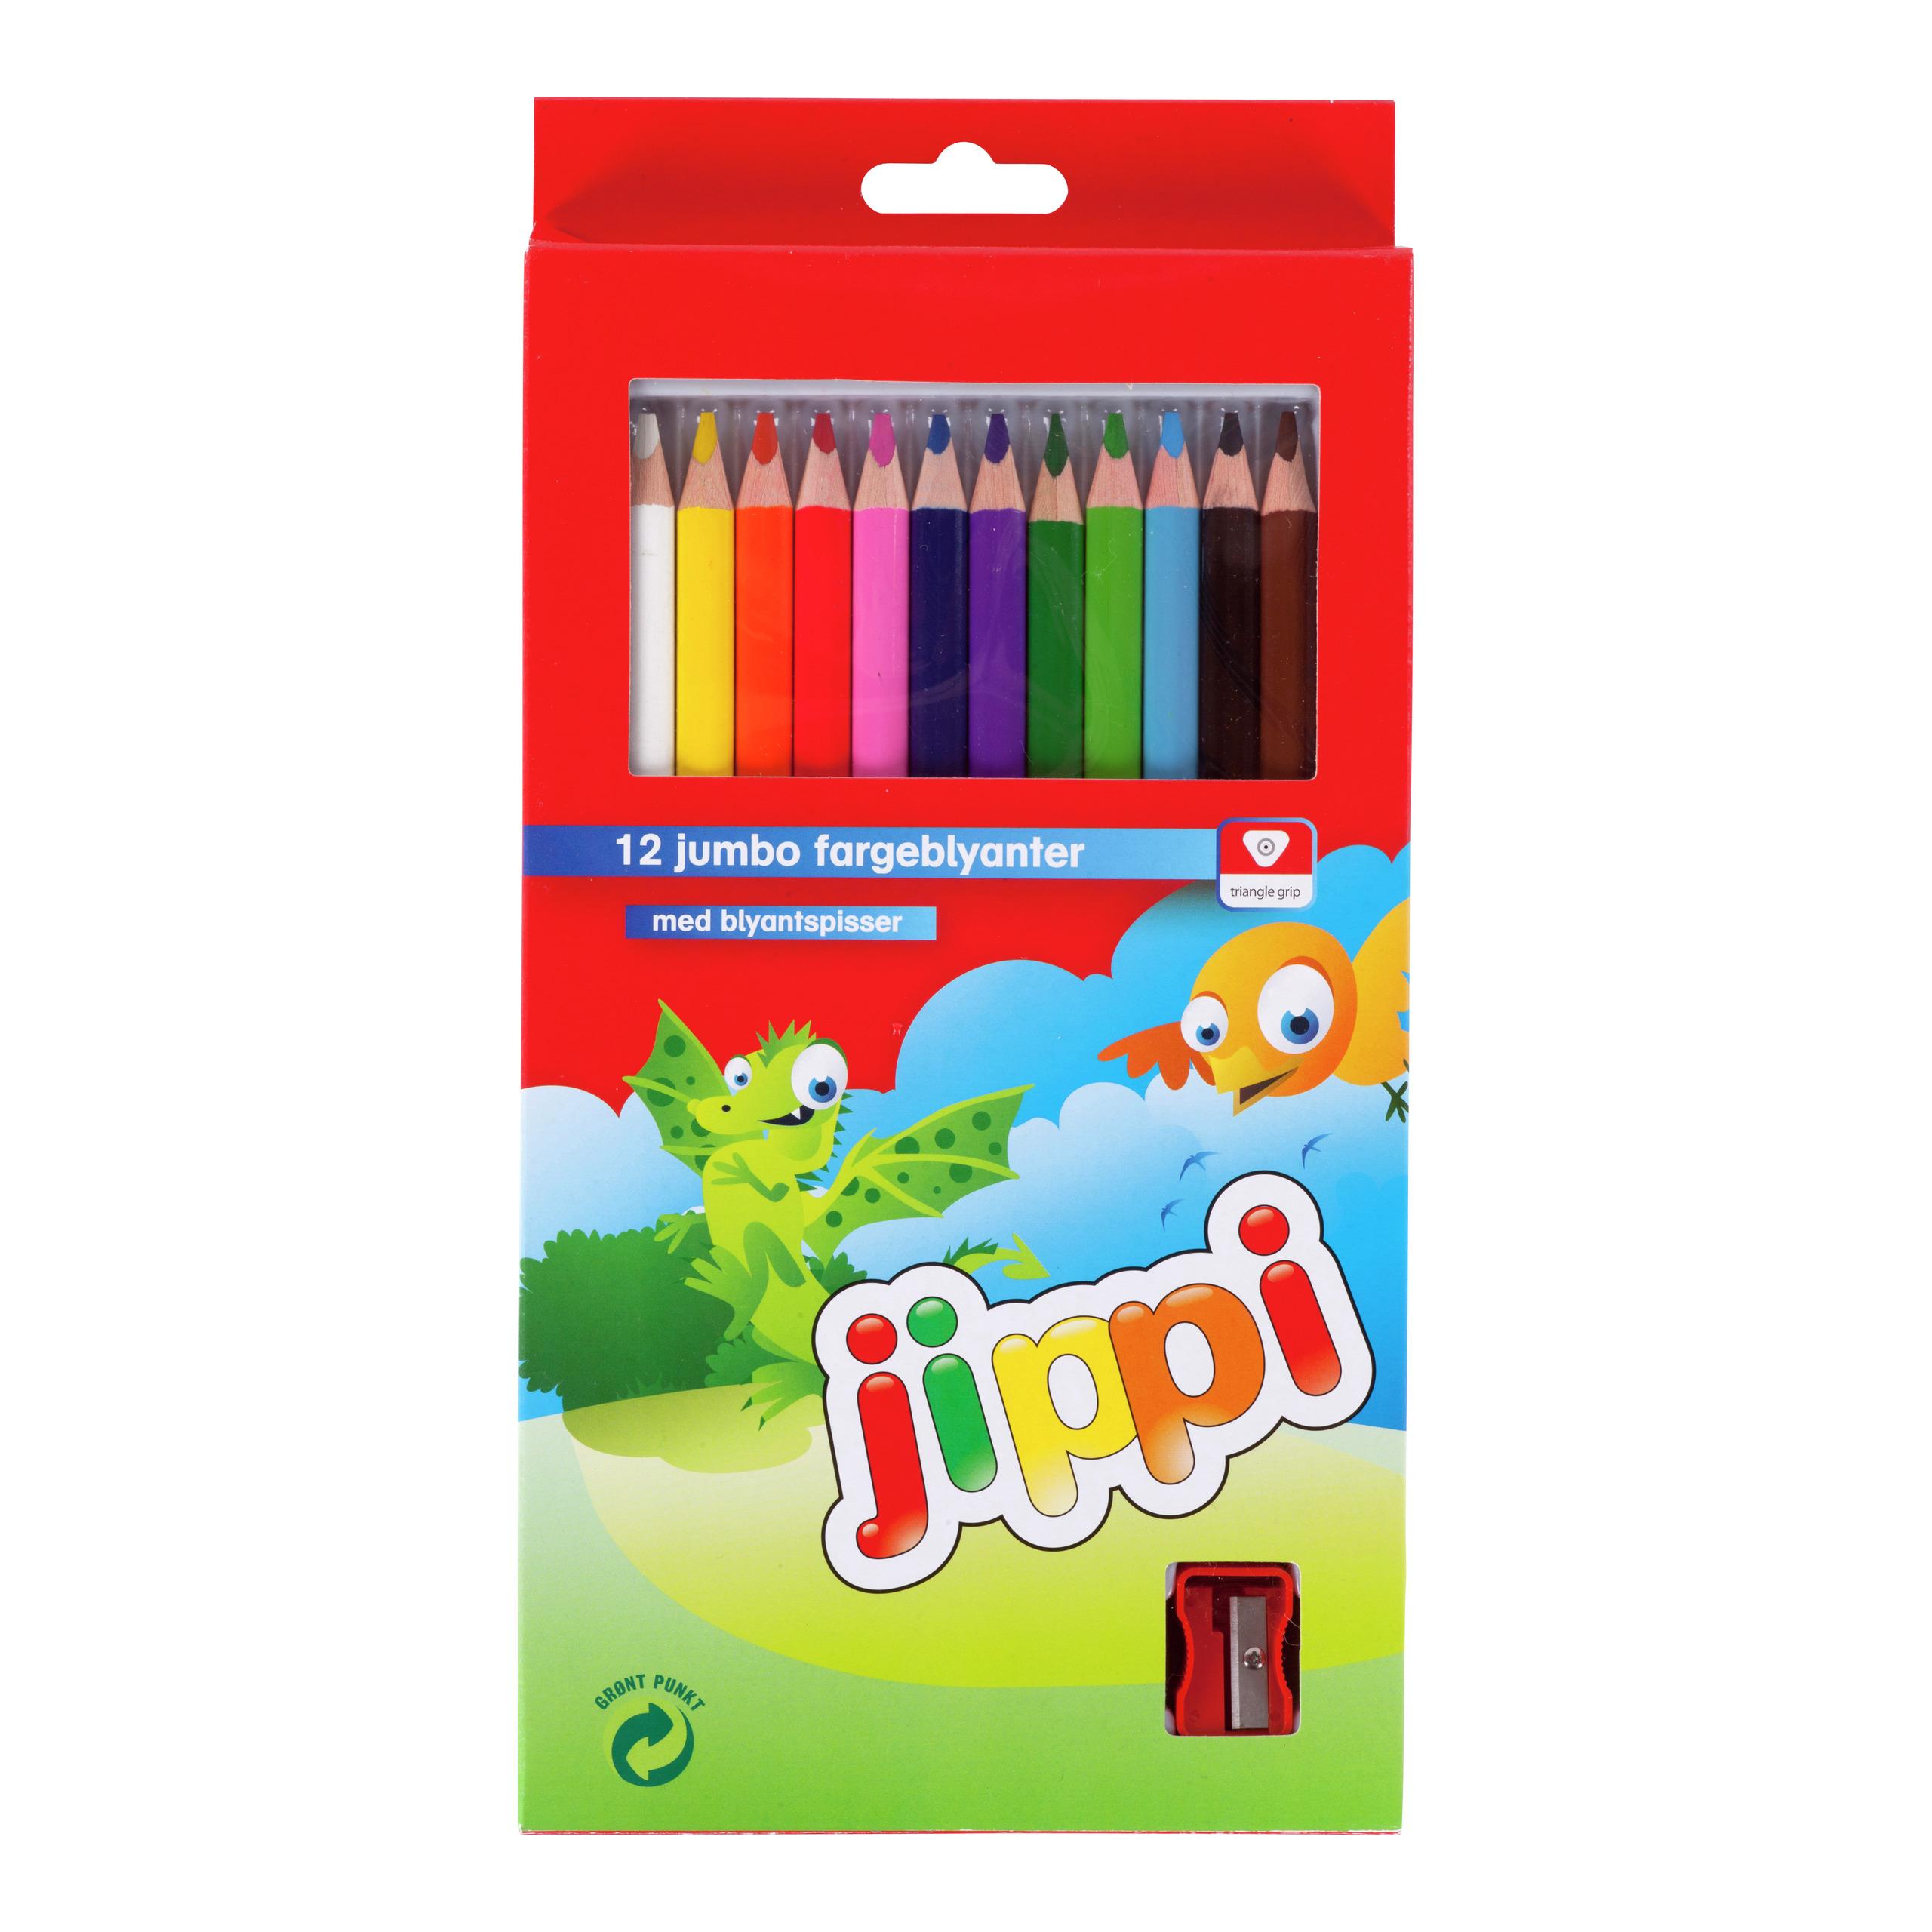 Jumbo fargeblyanter 12pk-BLY502